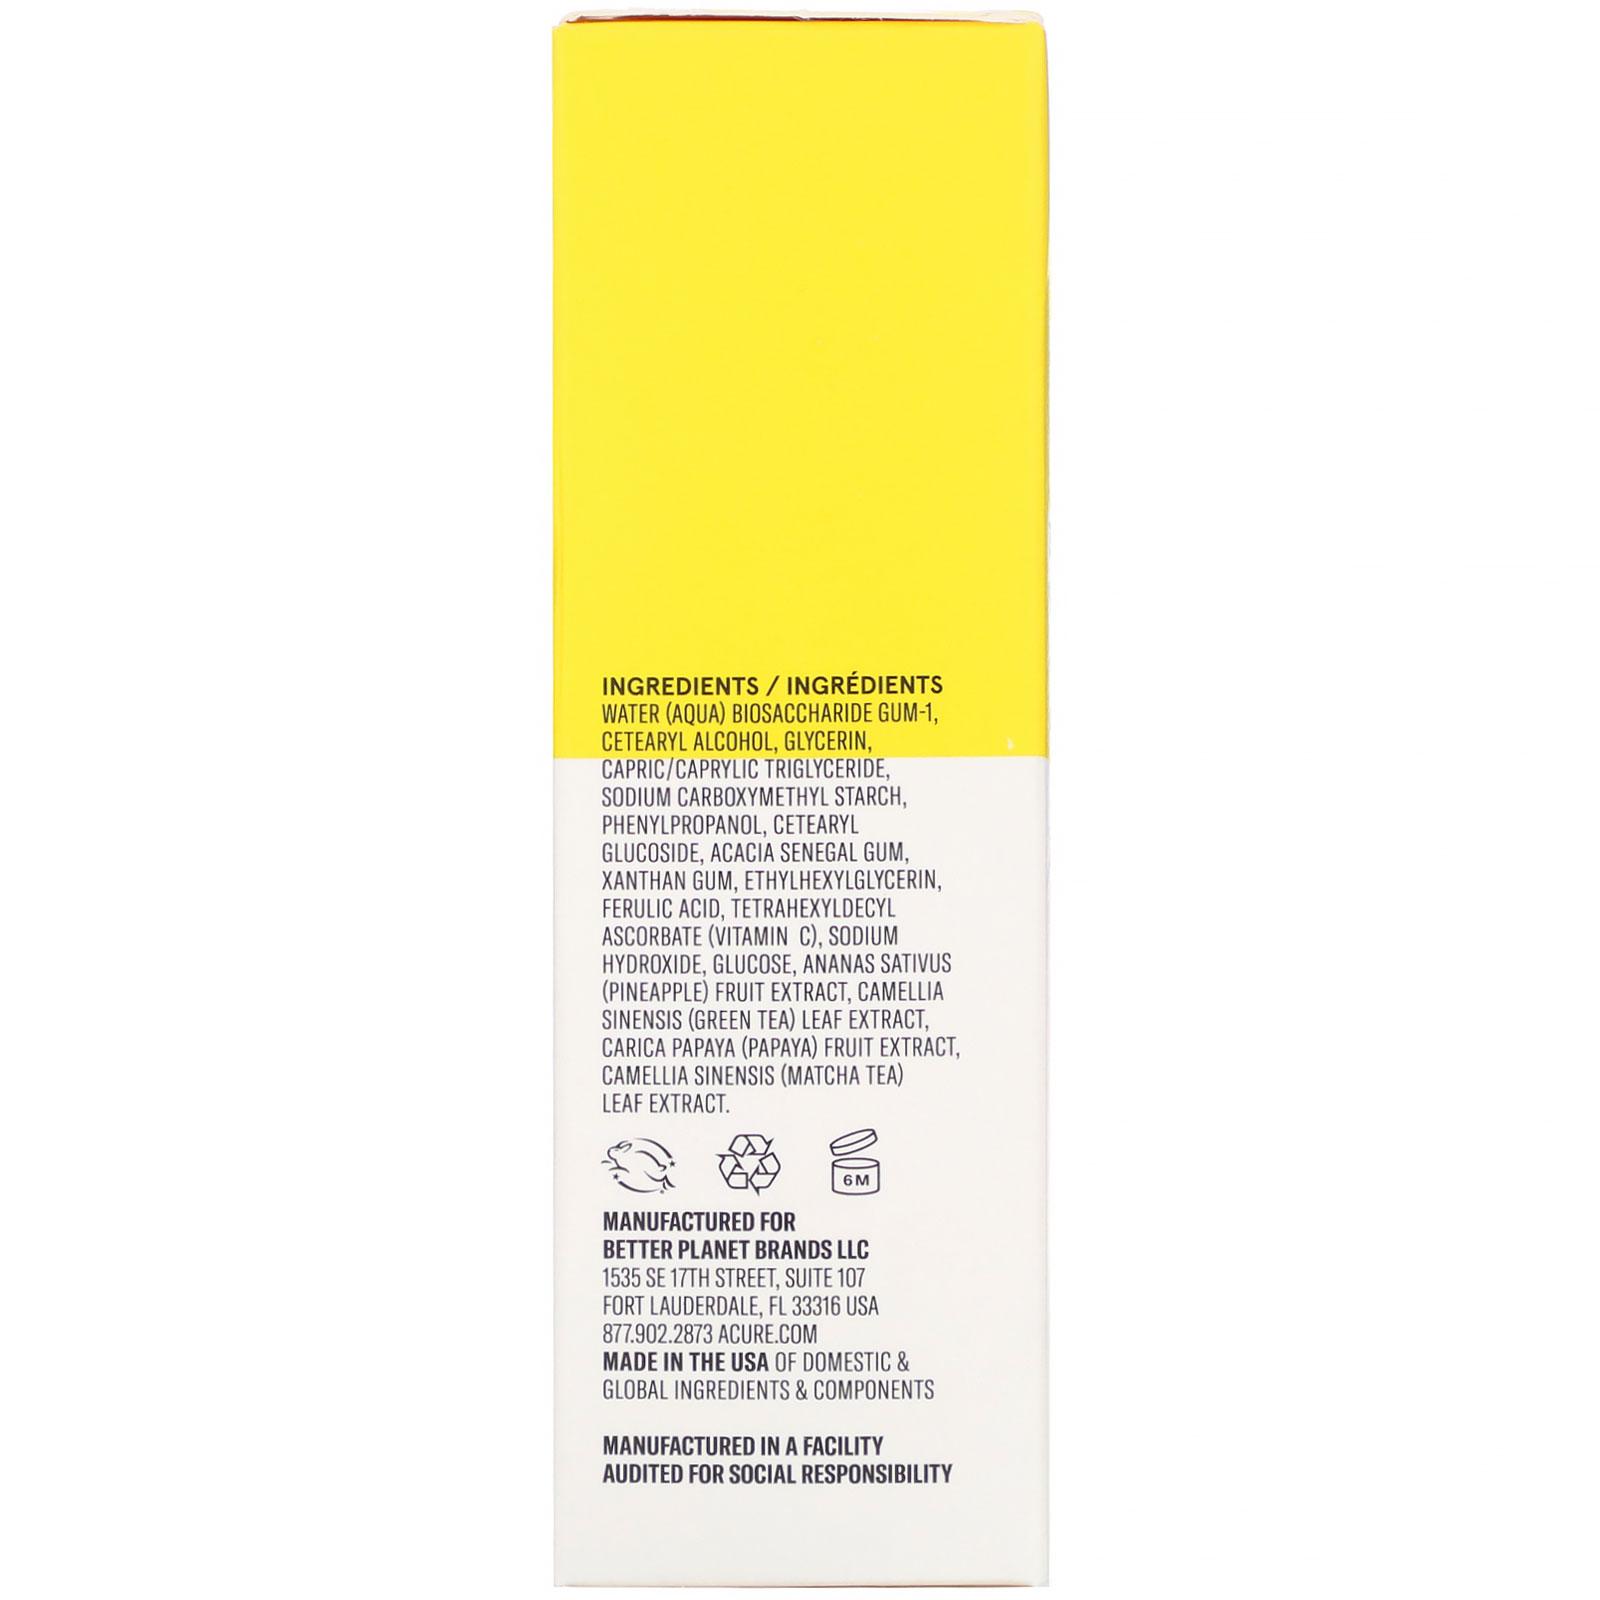 Acure, Brightening Vitamin C & Ferulic Acid Oil Free Serum